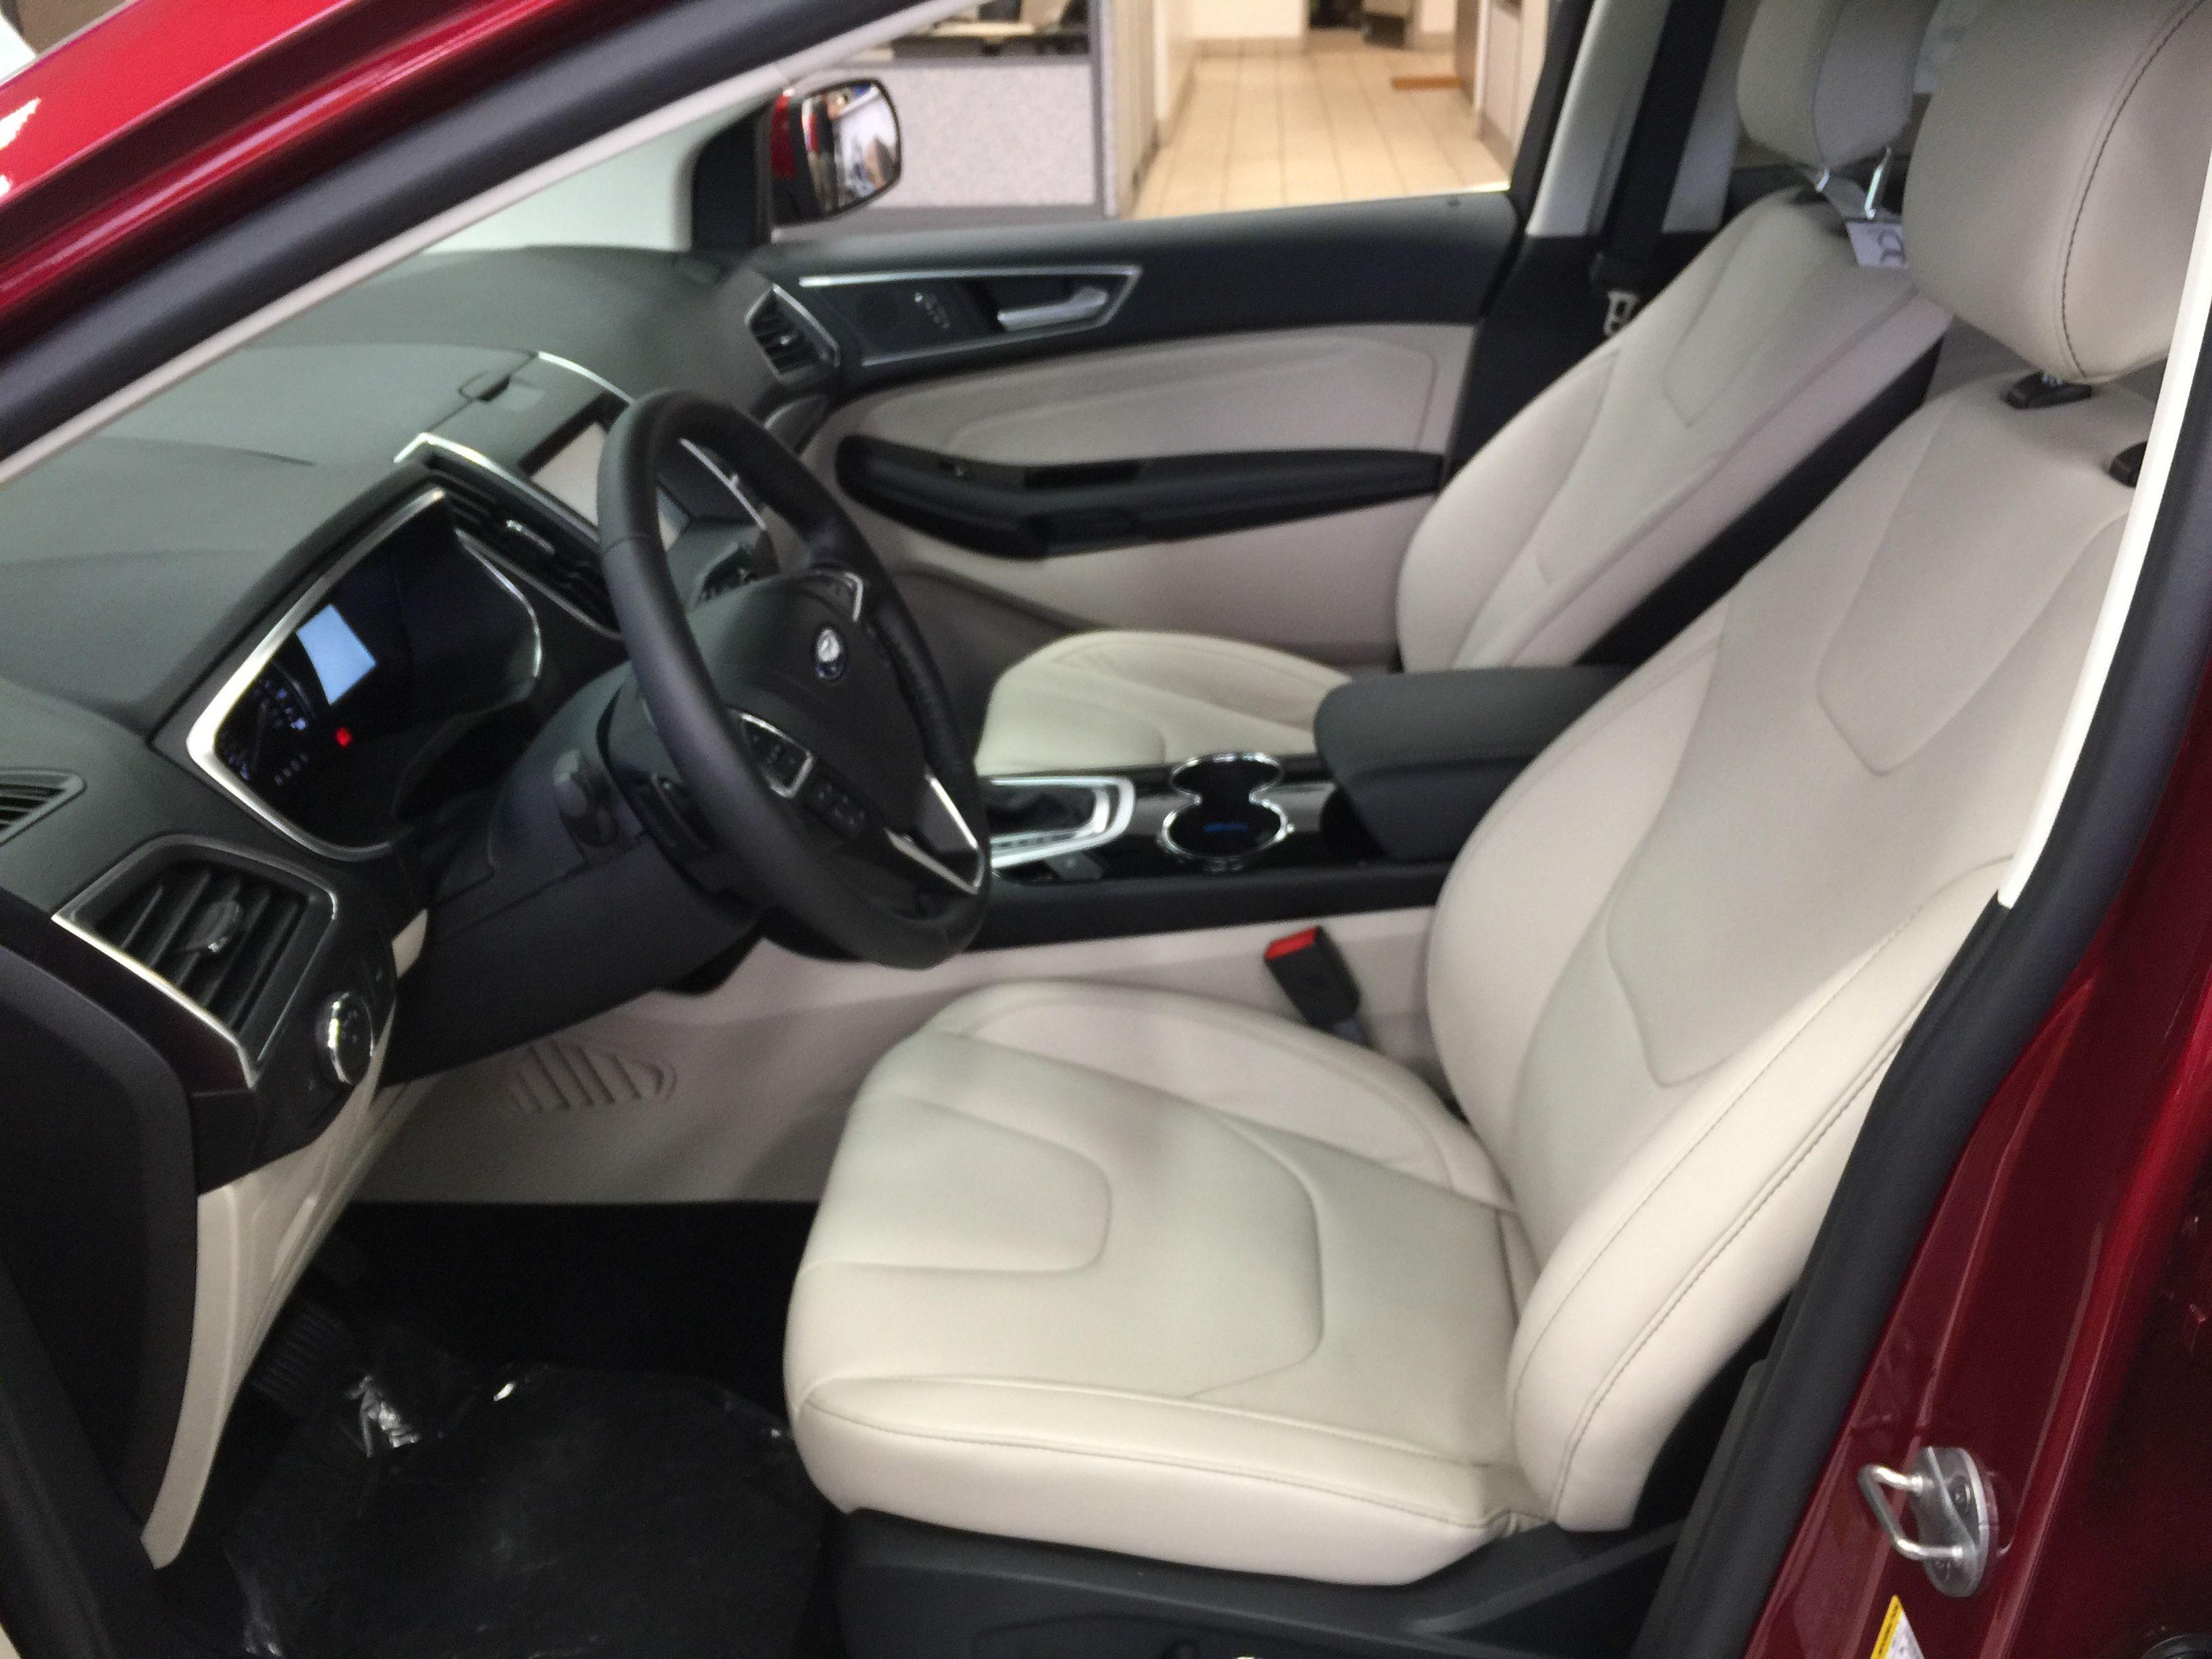 2015 Ford Edge Titanium light color seats interior